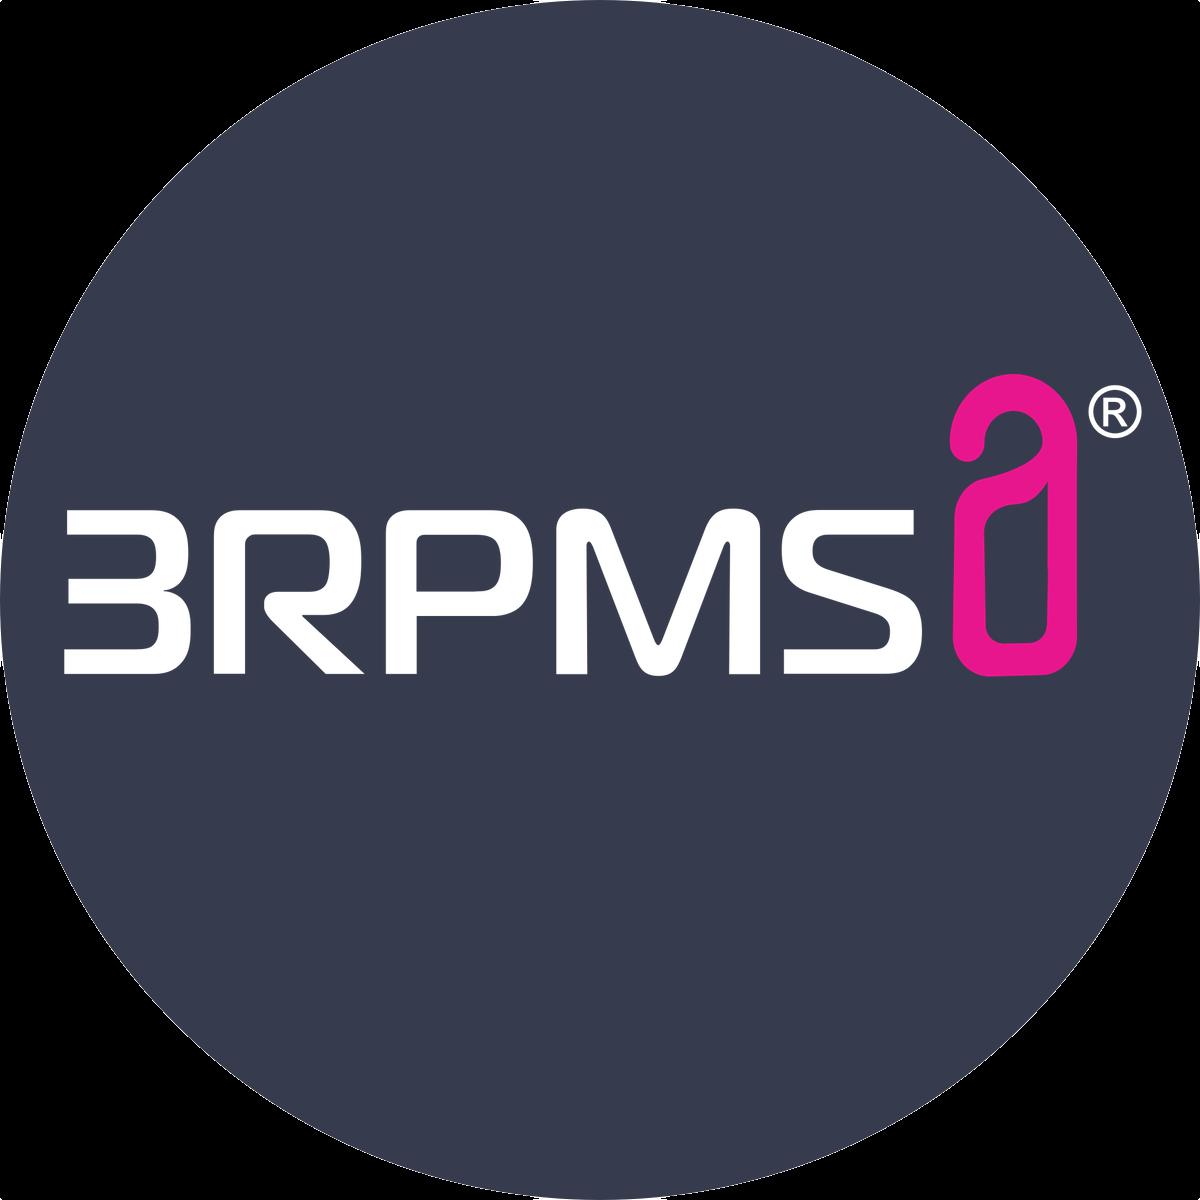 3RPMS® logo